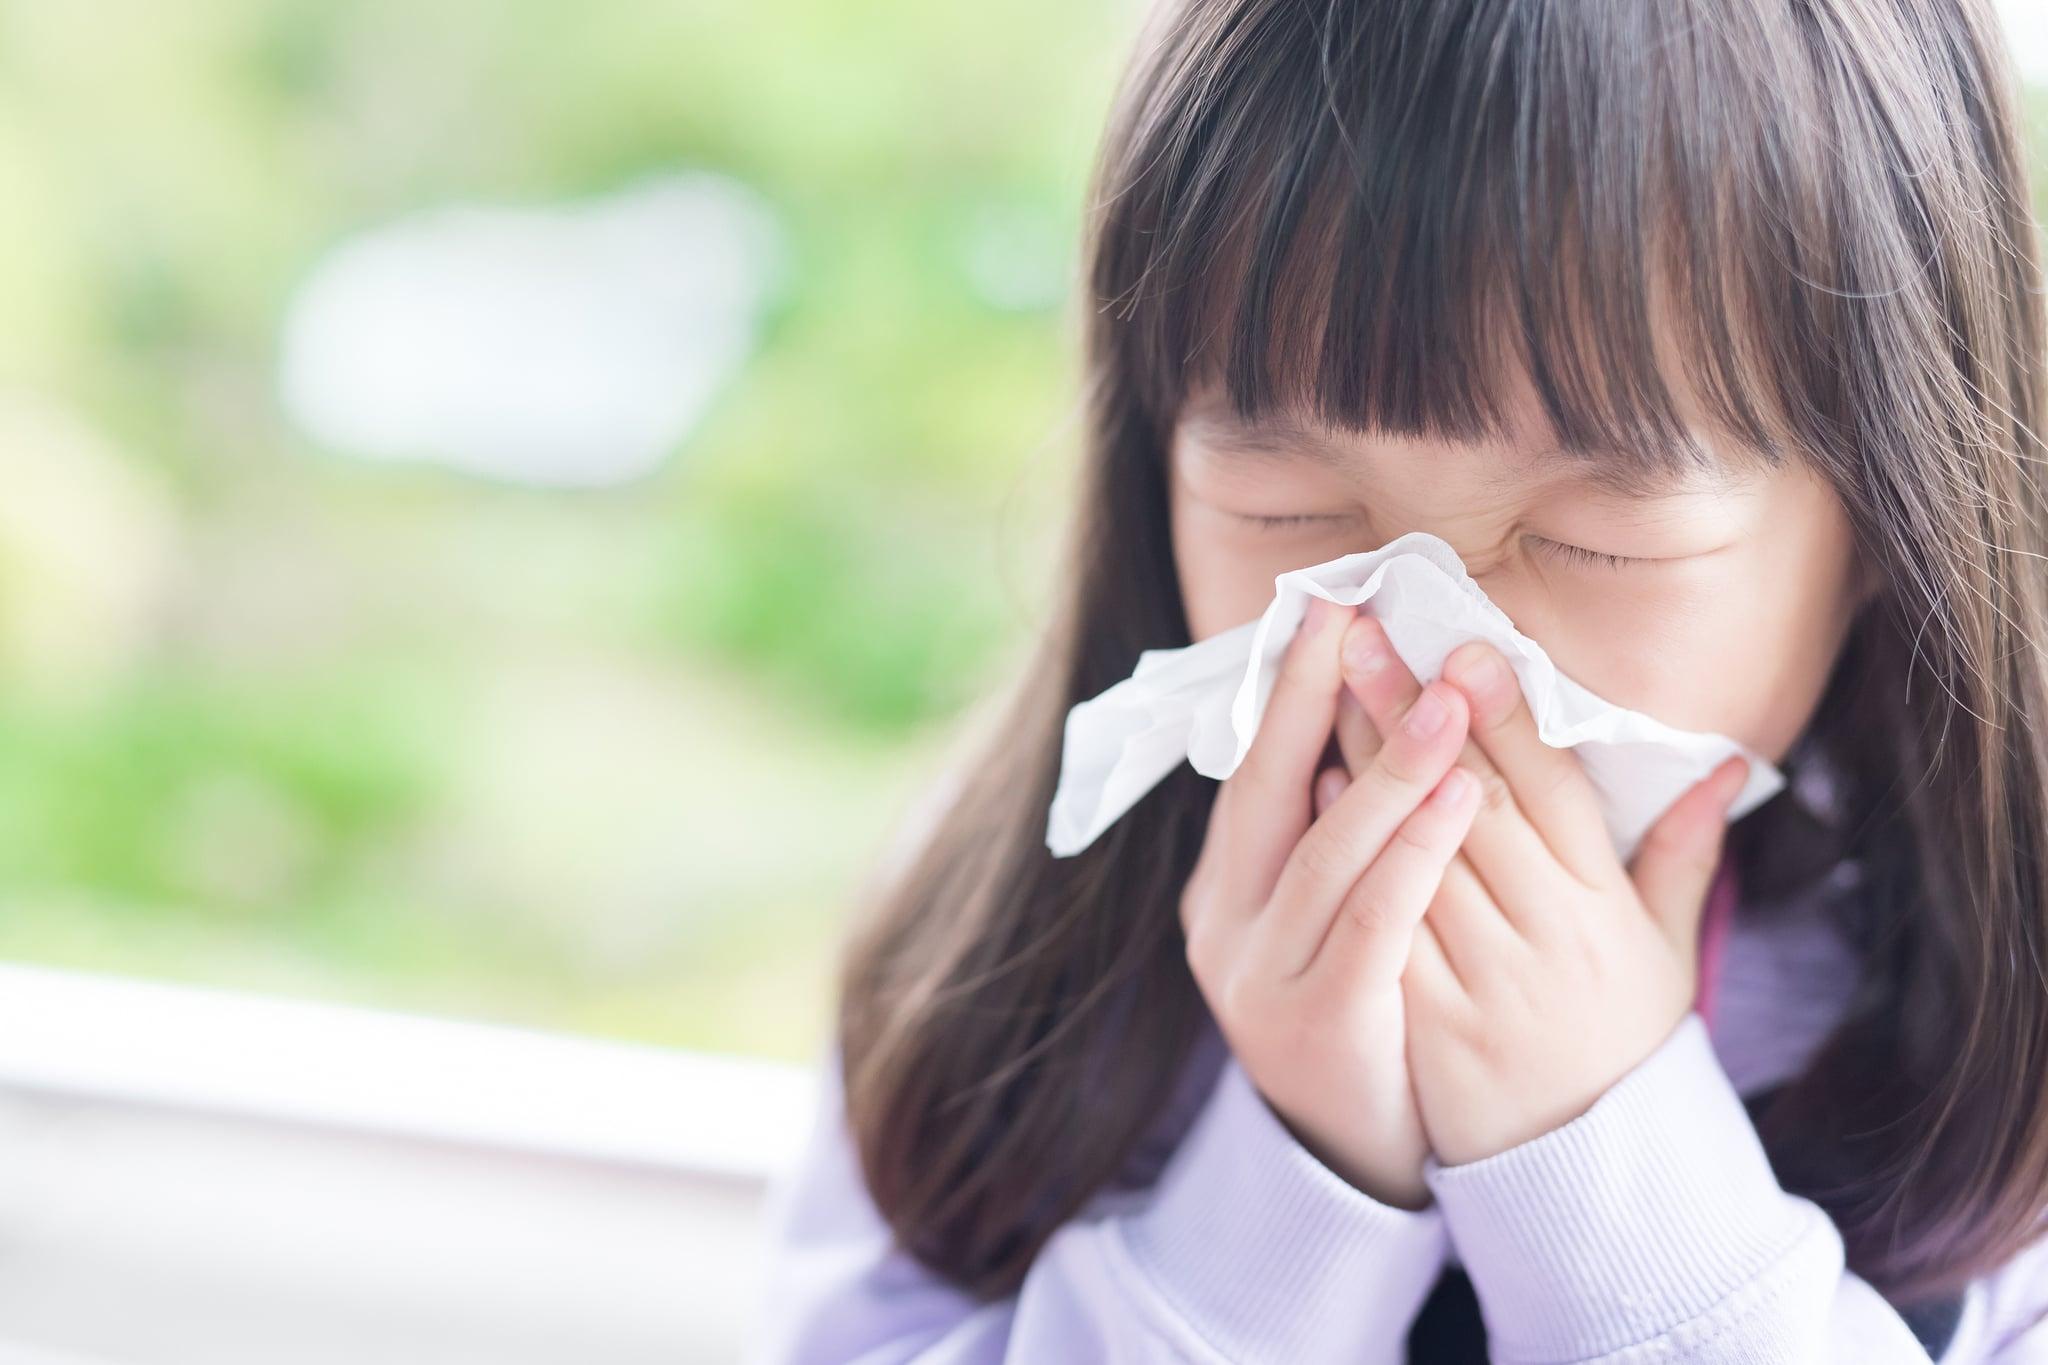 兒童常感冒、夜咳、吞痰?醫:可能是「鼻涕倒流」後遺症造成